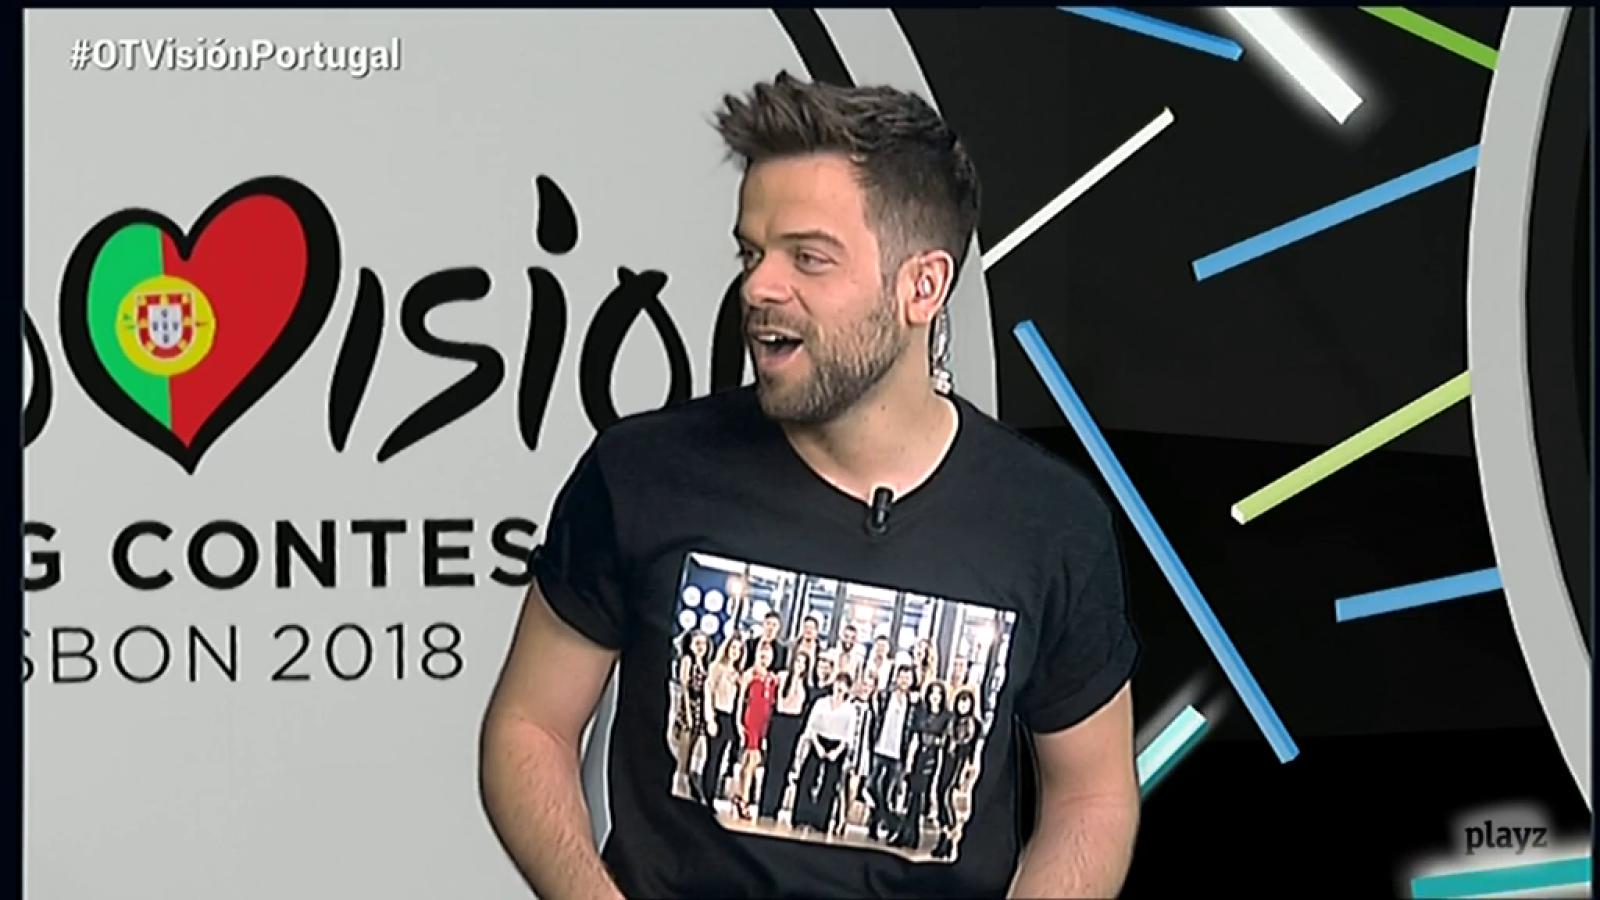 OTVisión - Ricky, enviado especial de RTVE.es a Eurovisión 2018